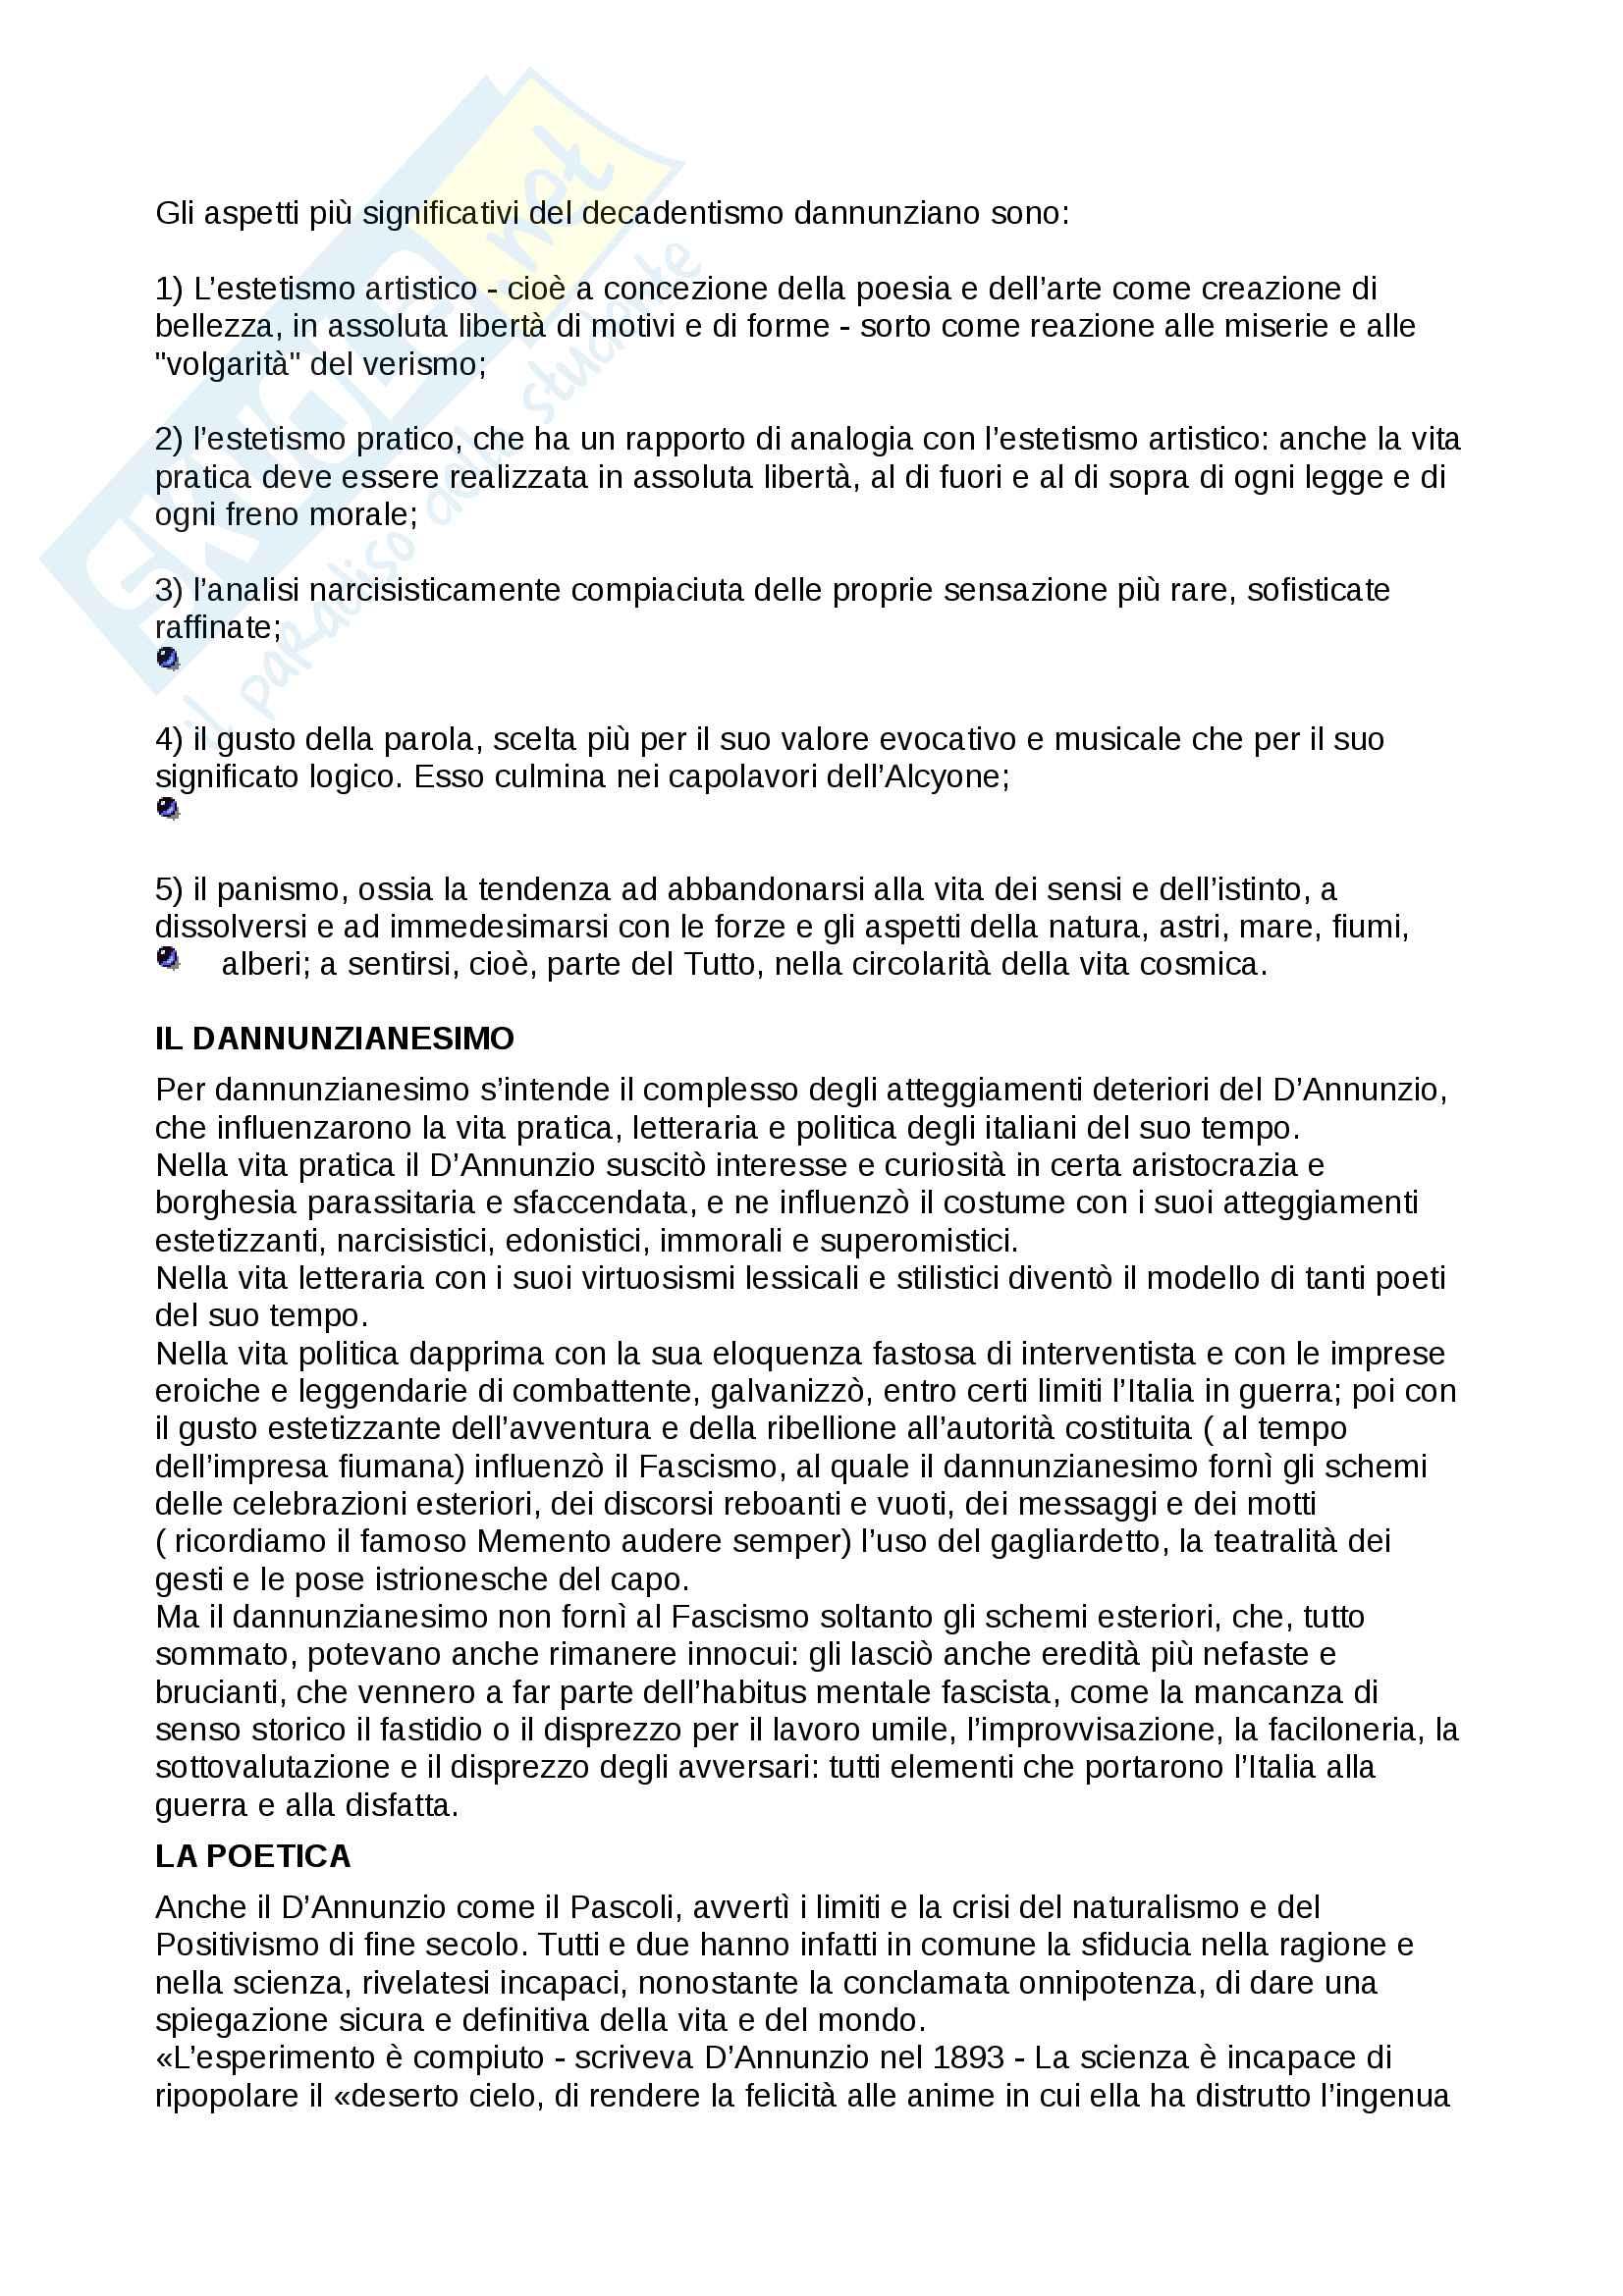 Appunti completi su D'annunzio poetica, Decadentismo e analisi Pioggia nel Pineto Pag. 6